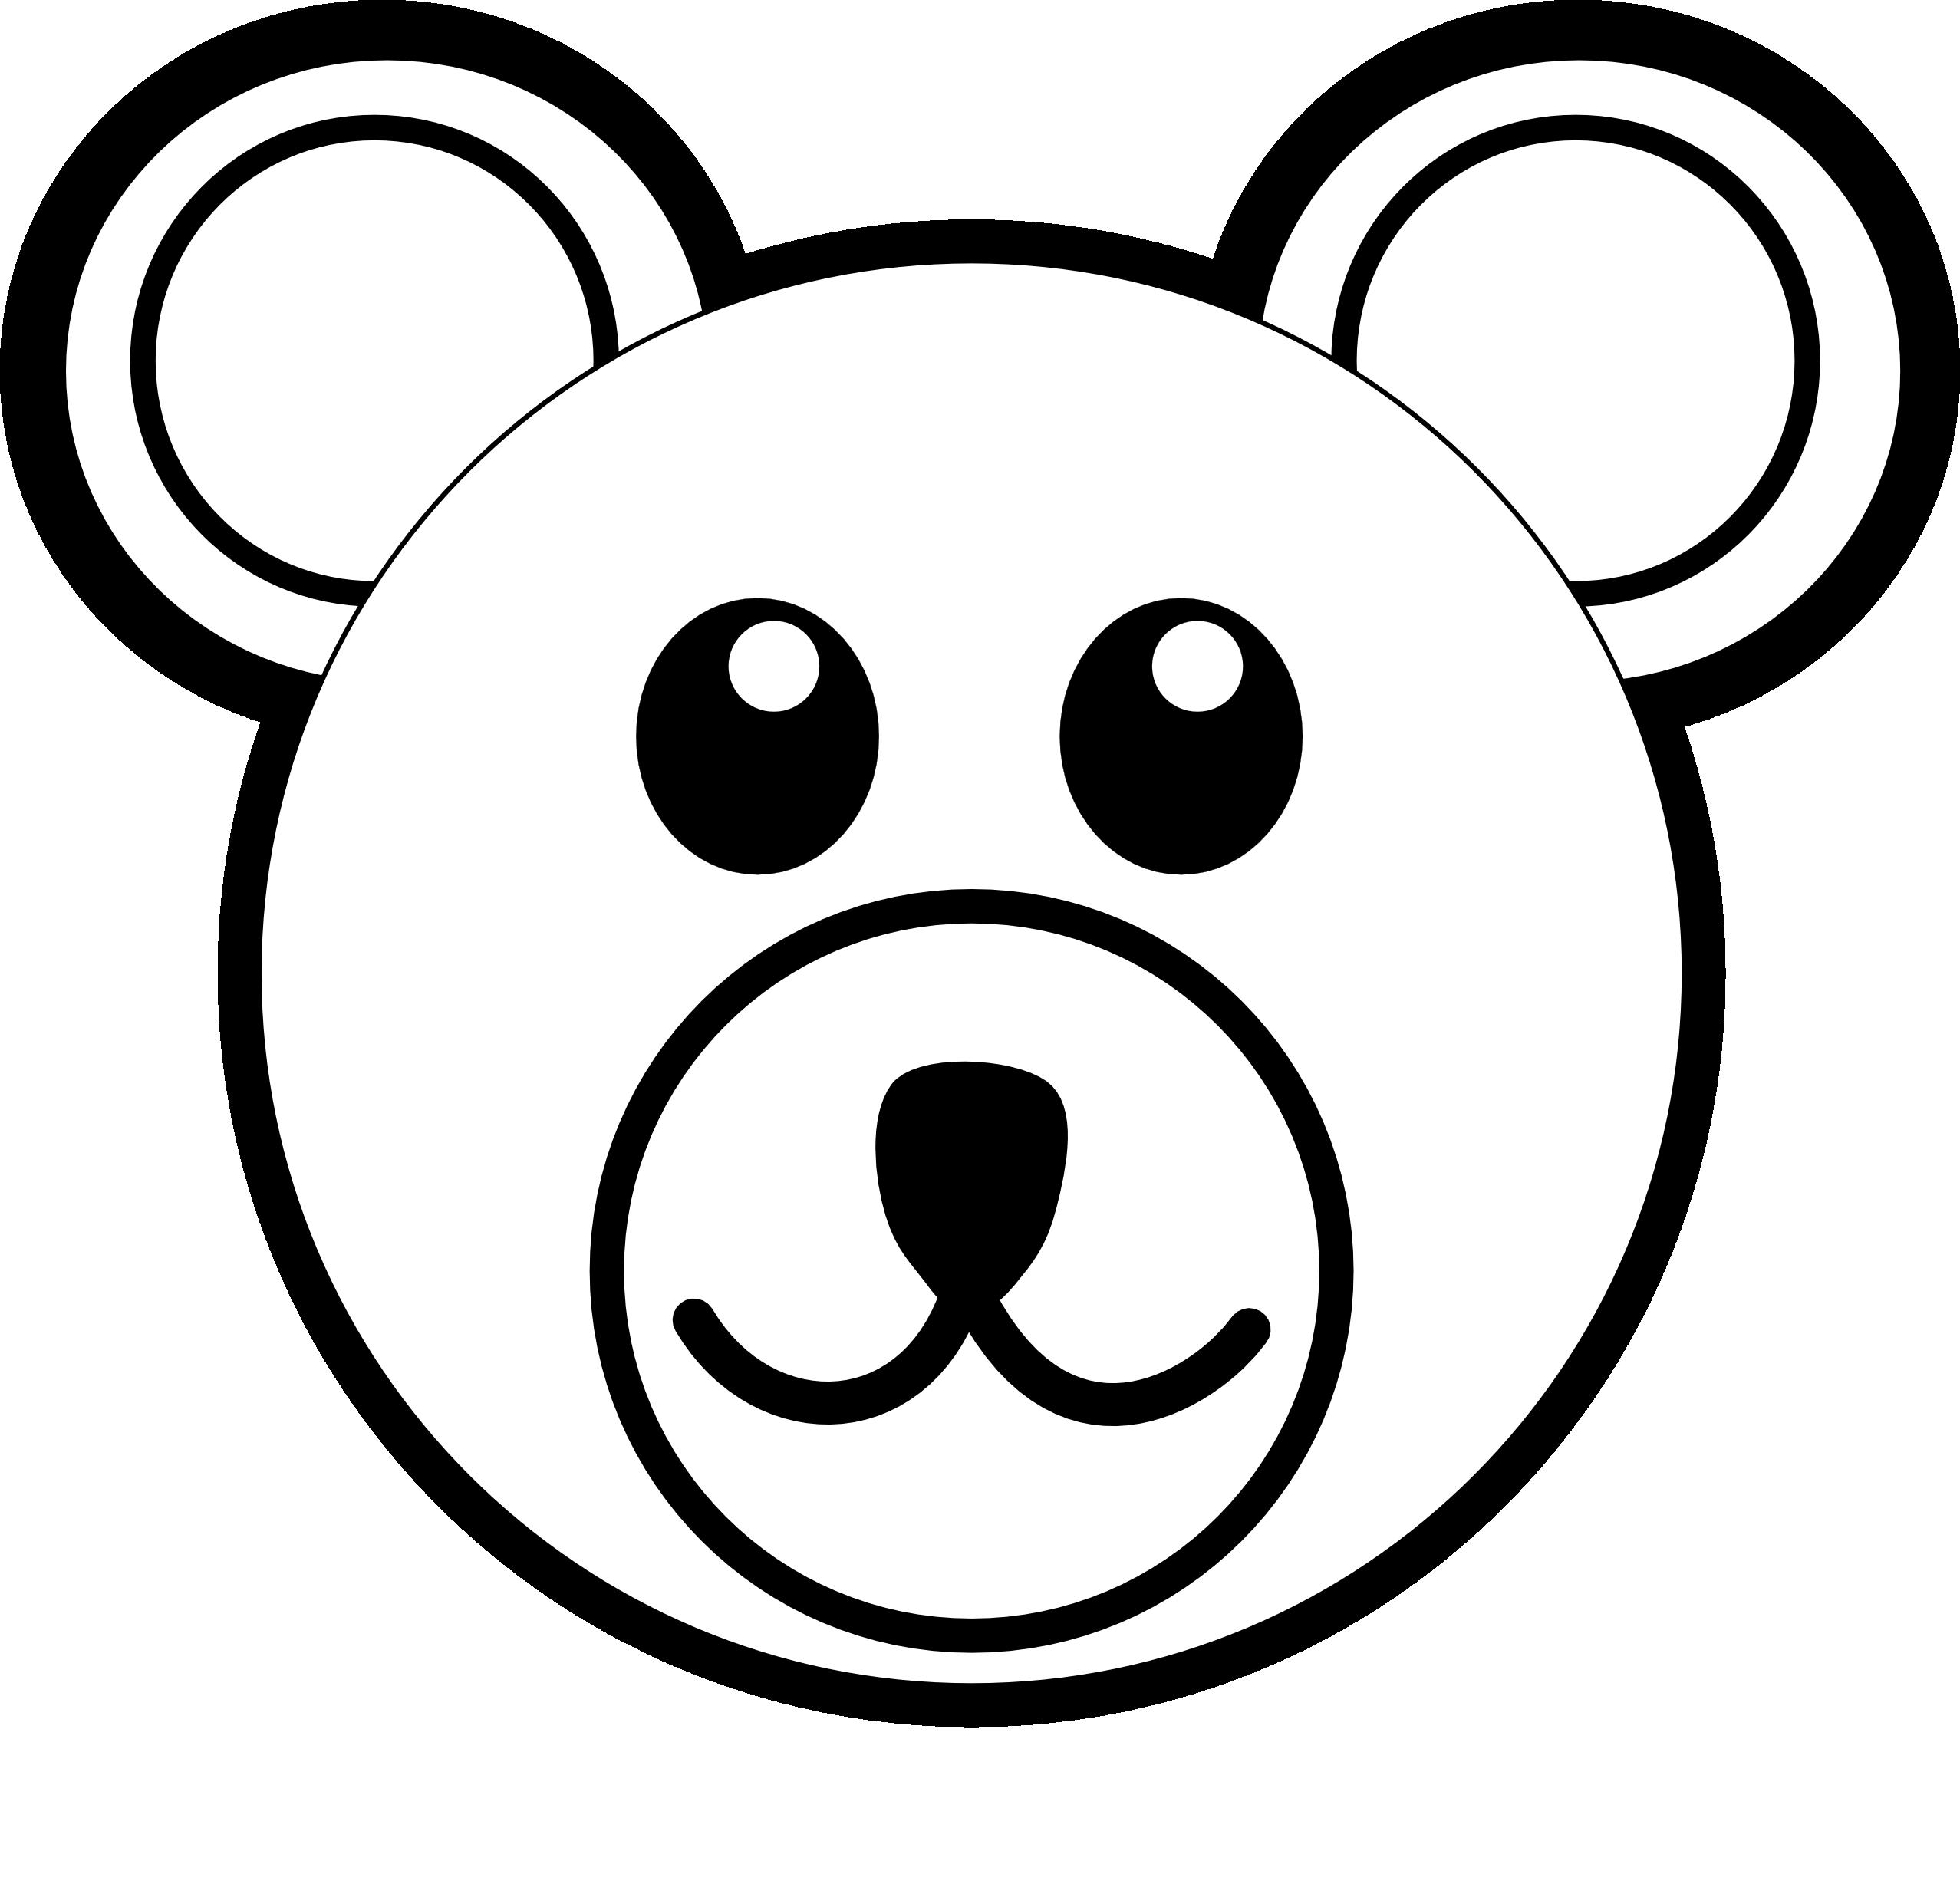 2555x2456 Polar Bear Cartoon Drawings Tags Cartoon Bear Drawings How